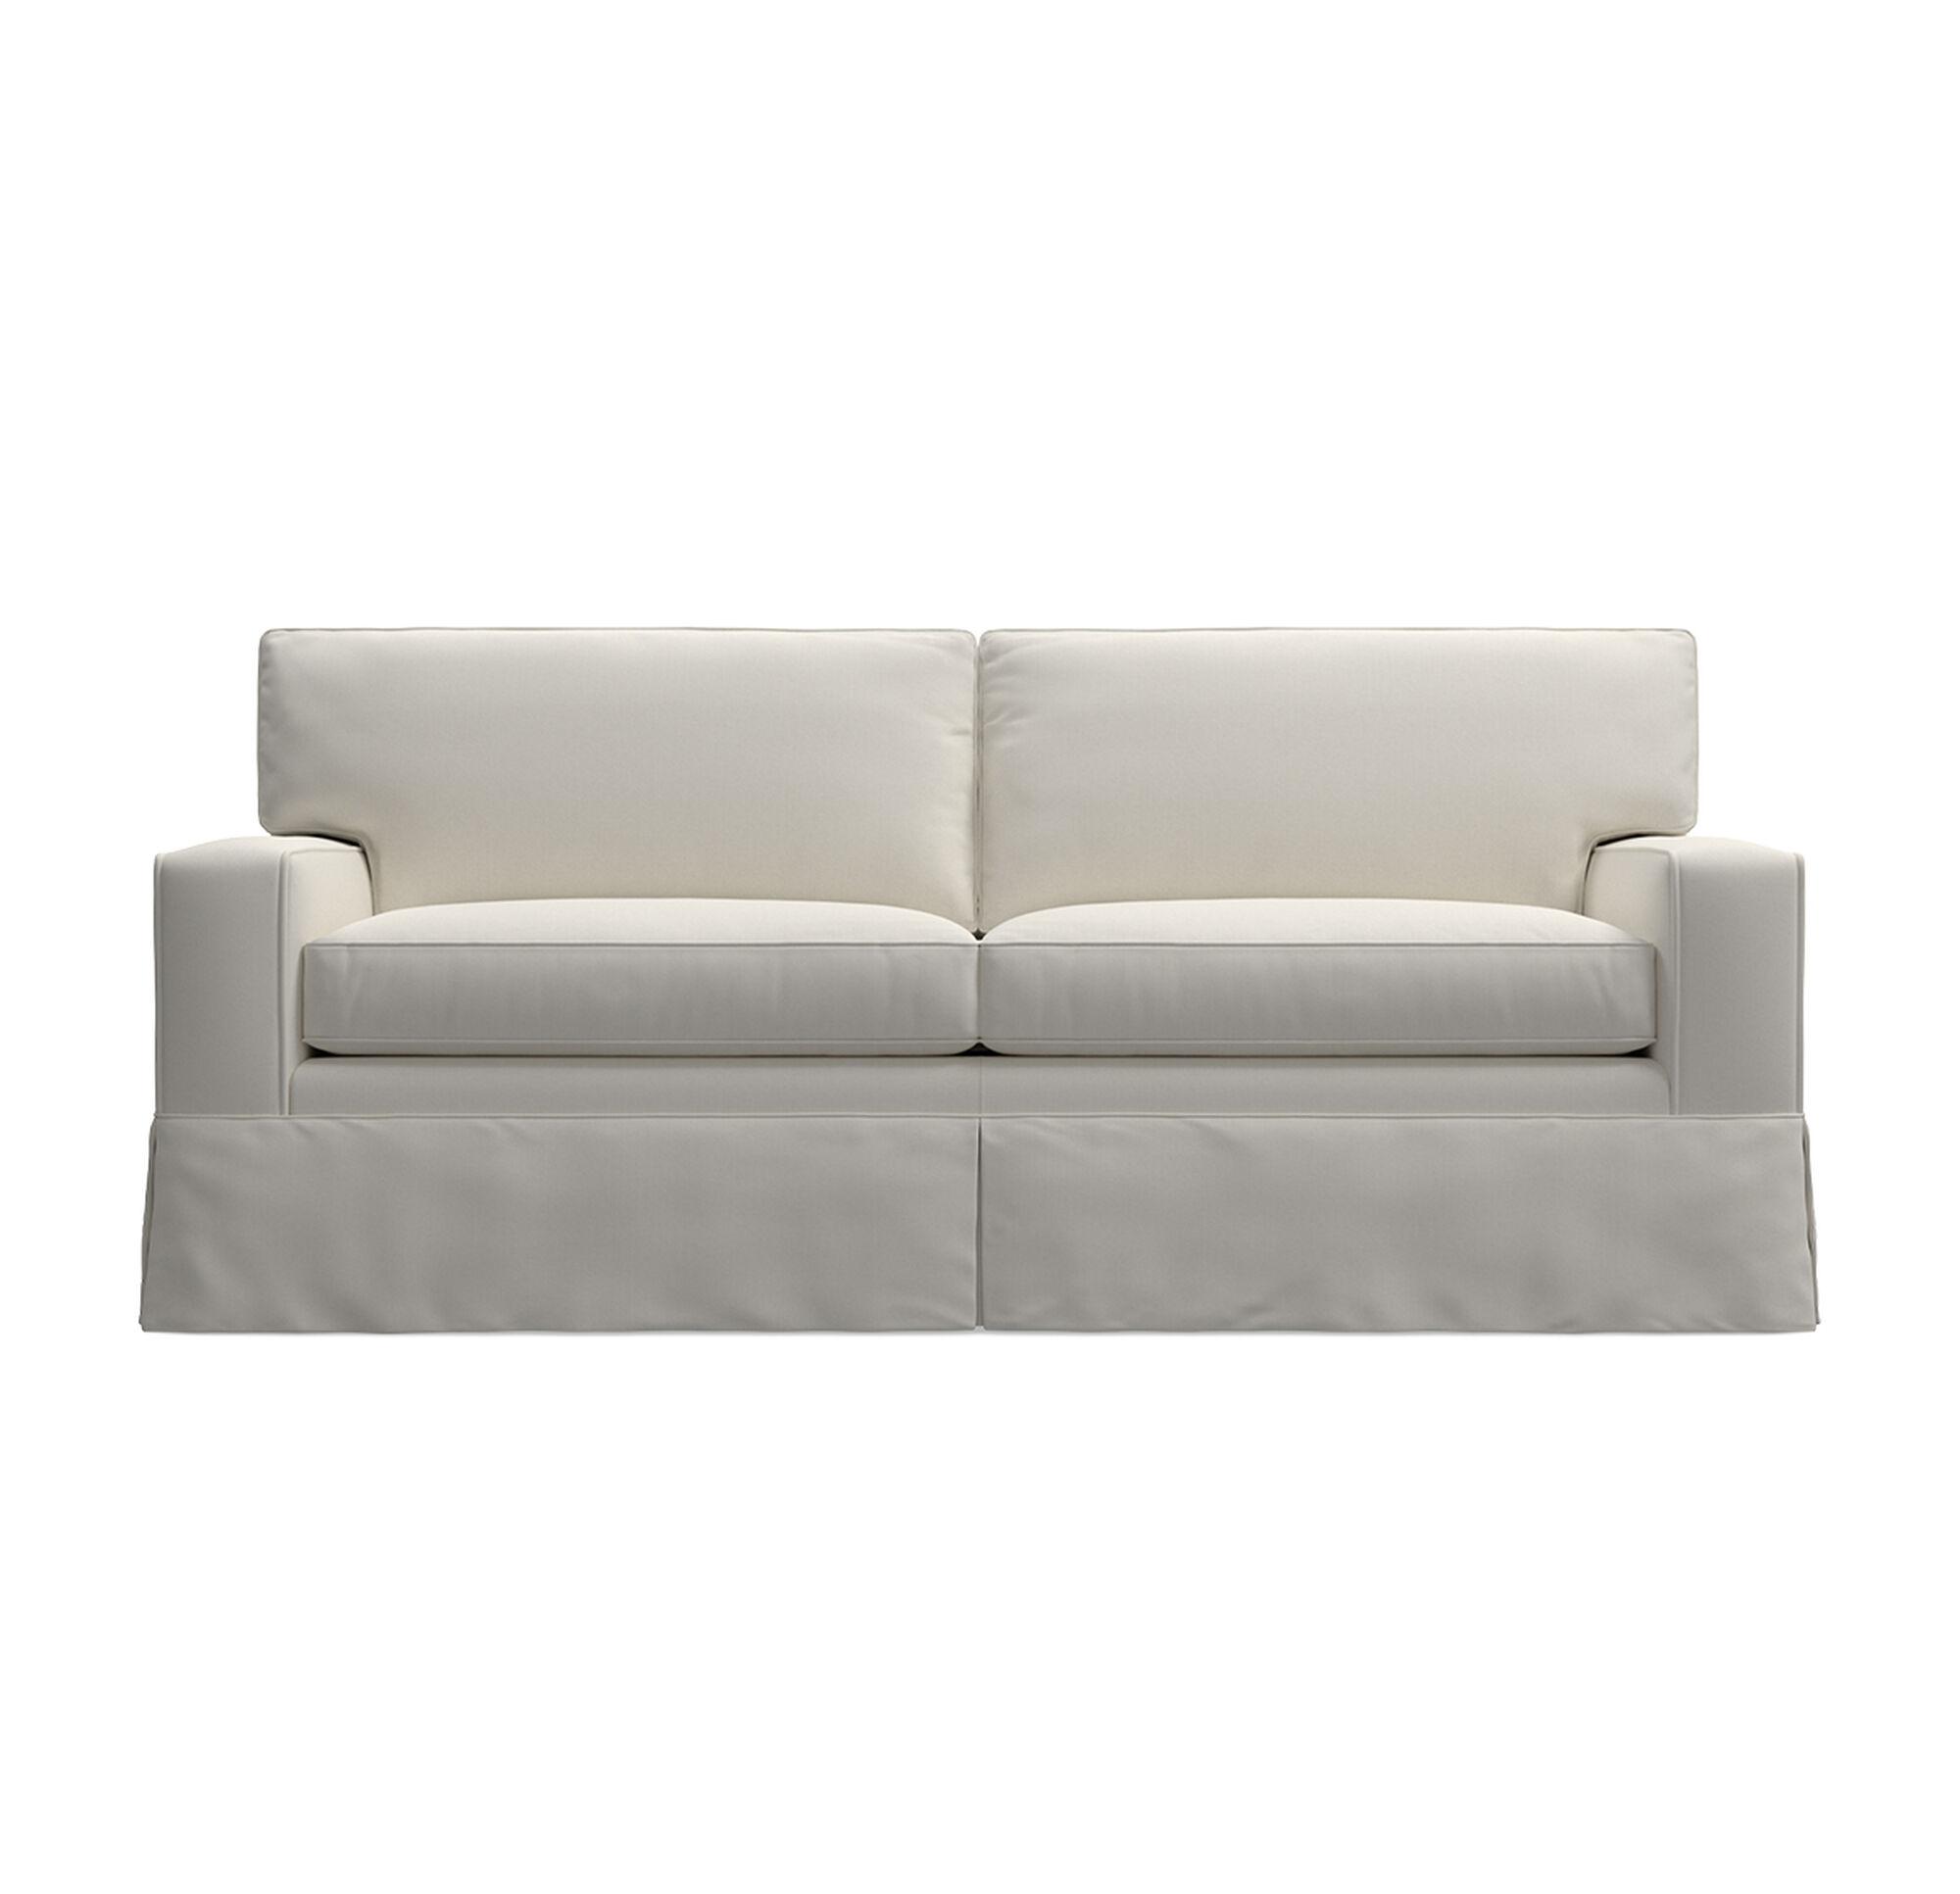 Alex Ii Queen Slipcover Sleeper Sofa